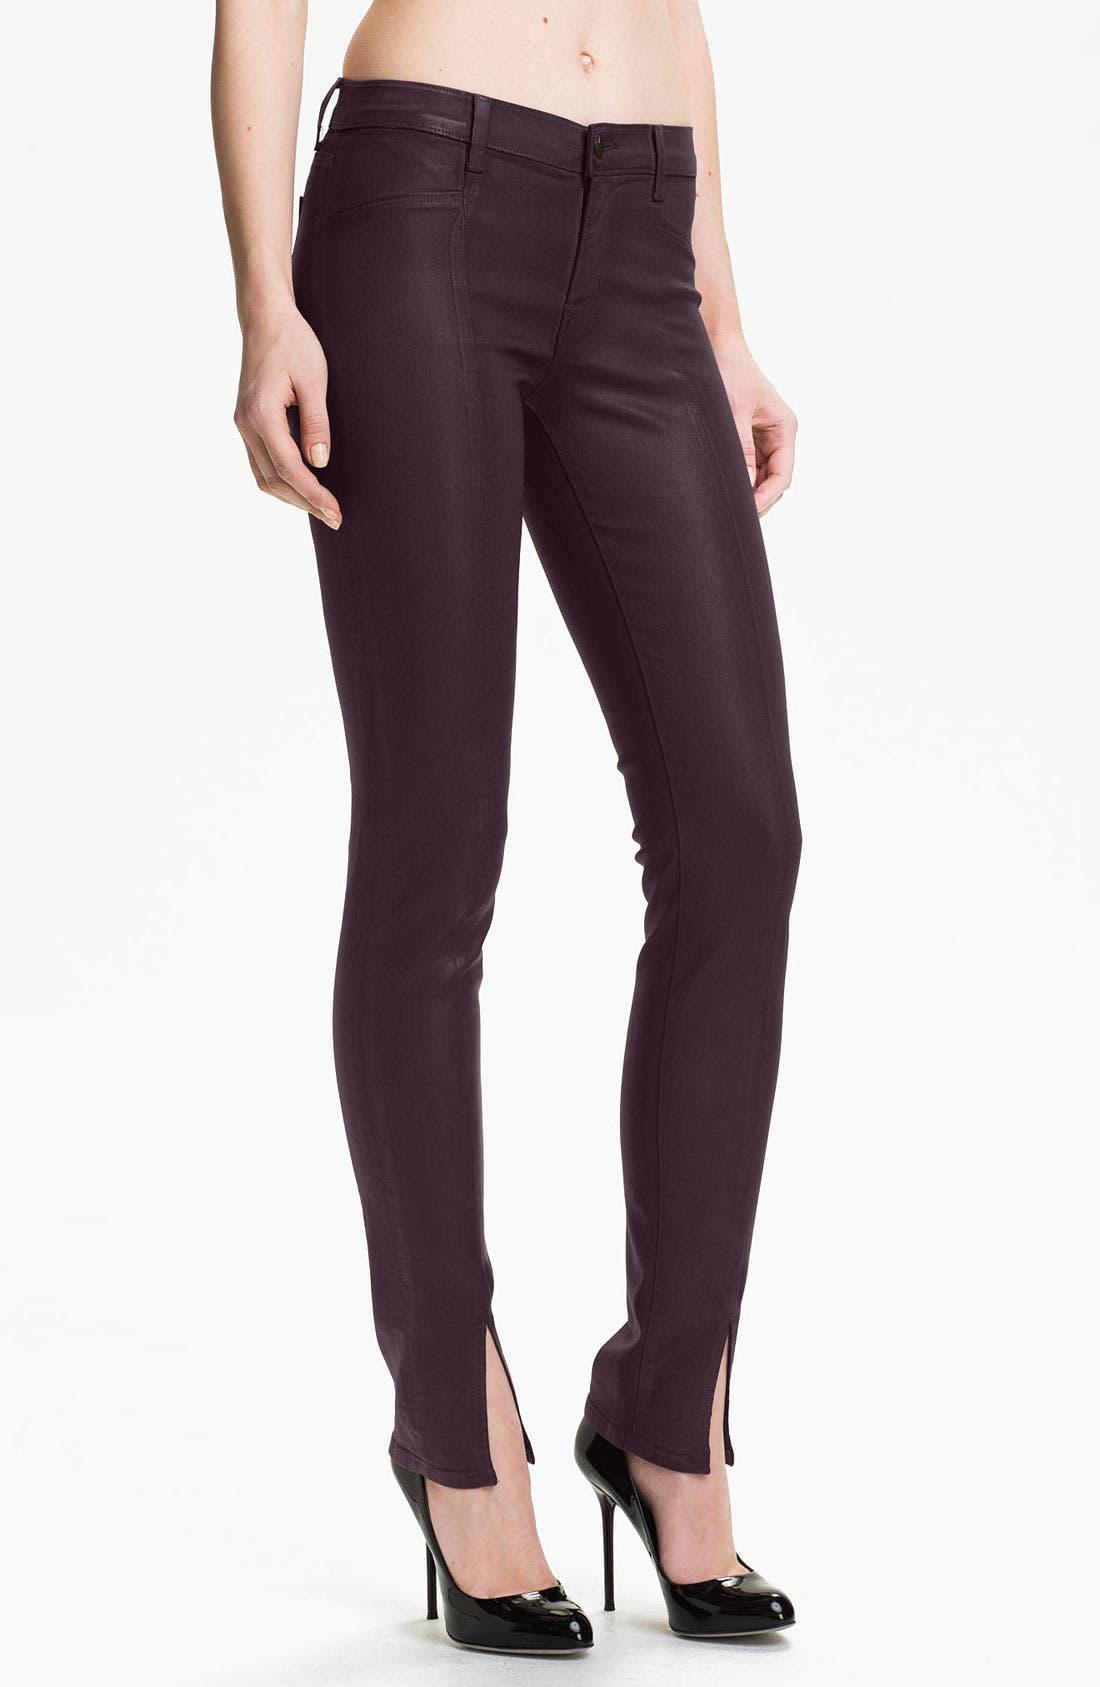 Main Image - J Brand 'Vera' Slit Hem Skinny Jeans (Coated Dark)